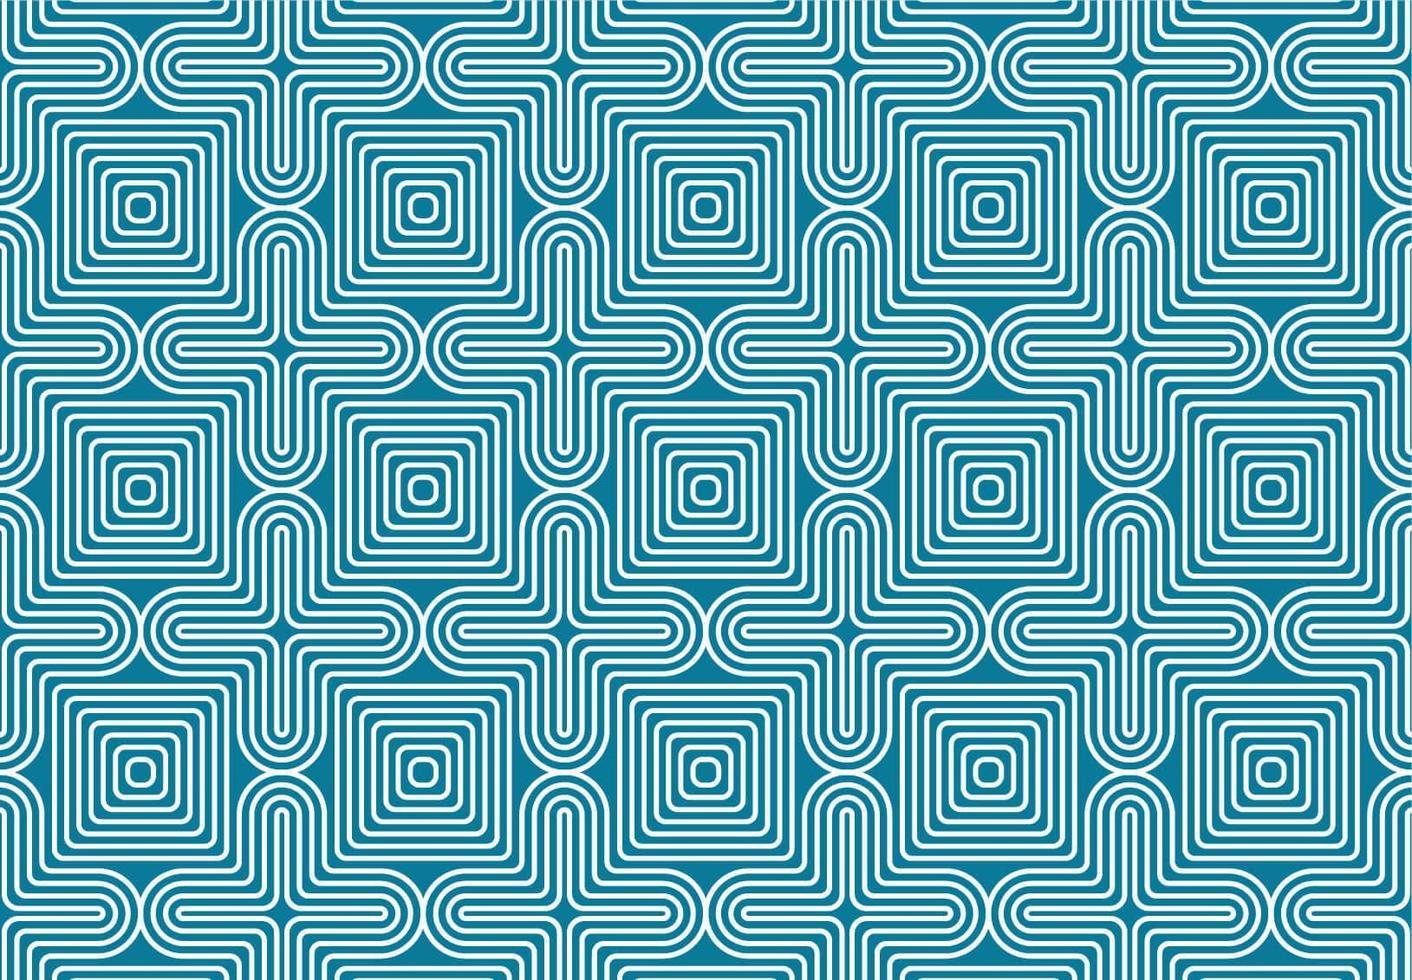 geometriska vita och blåa optiska illusion sömlösa mönster vektor